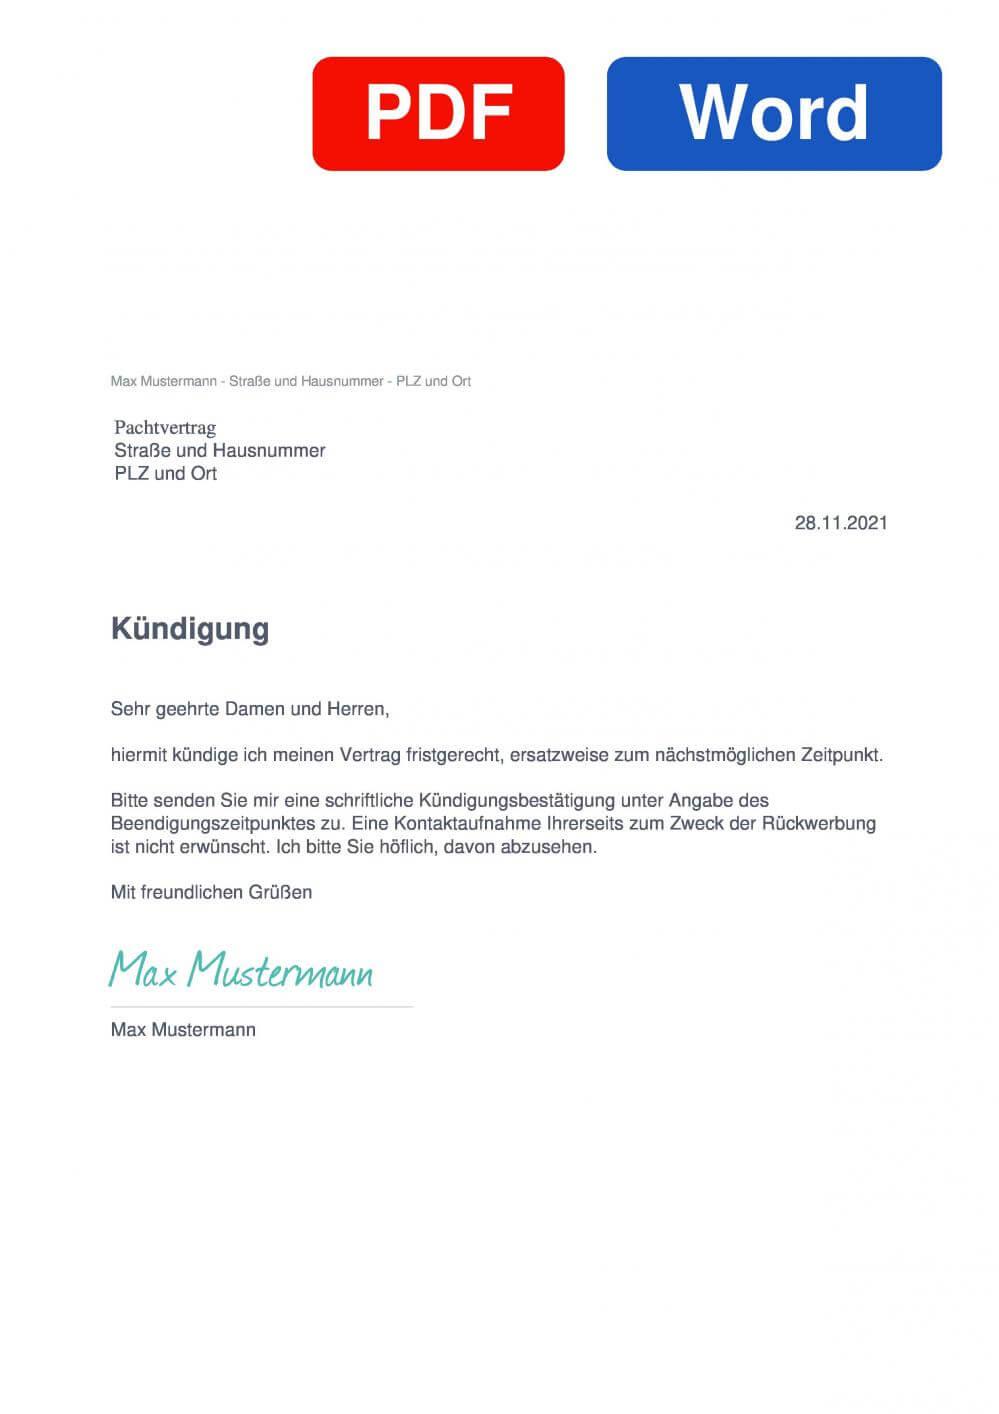 Pachtvertrag Muster Vorlage für Kündigungsschreiben